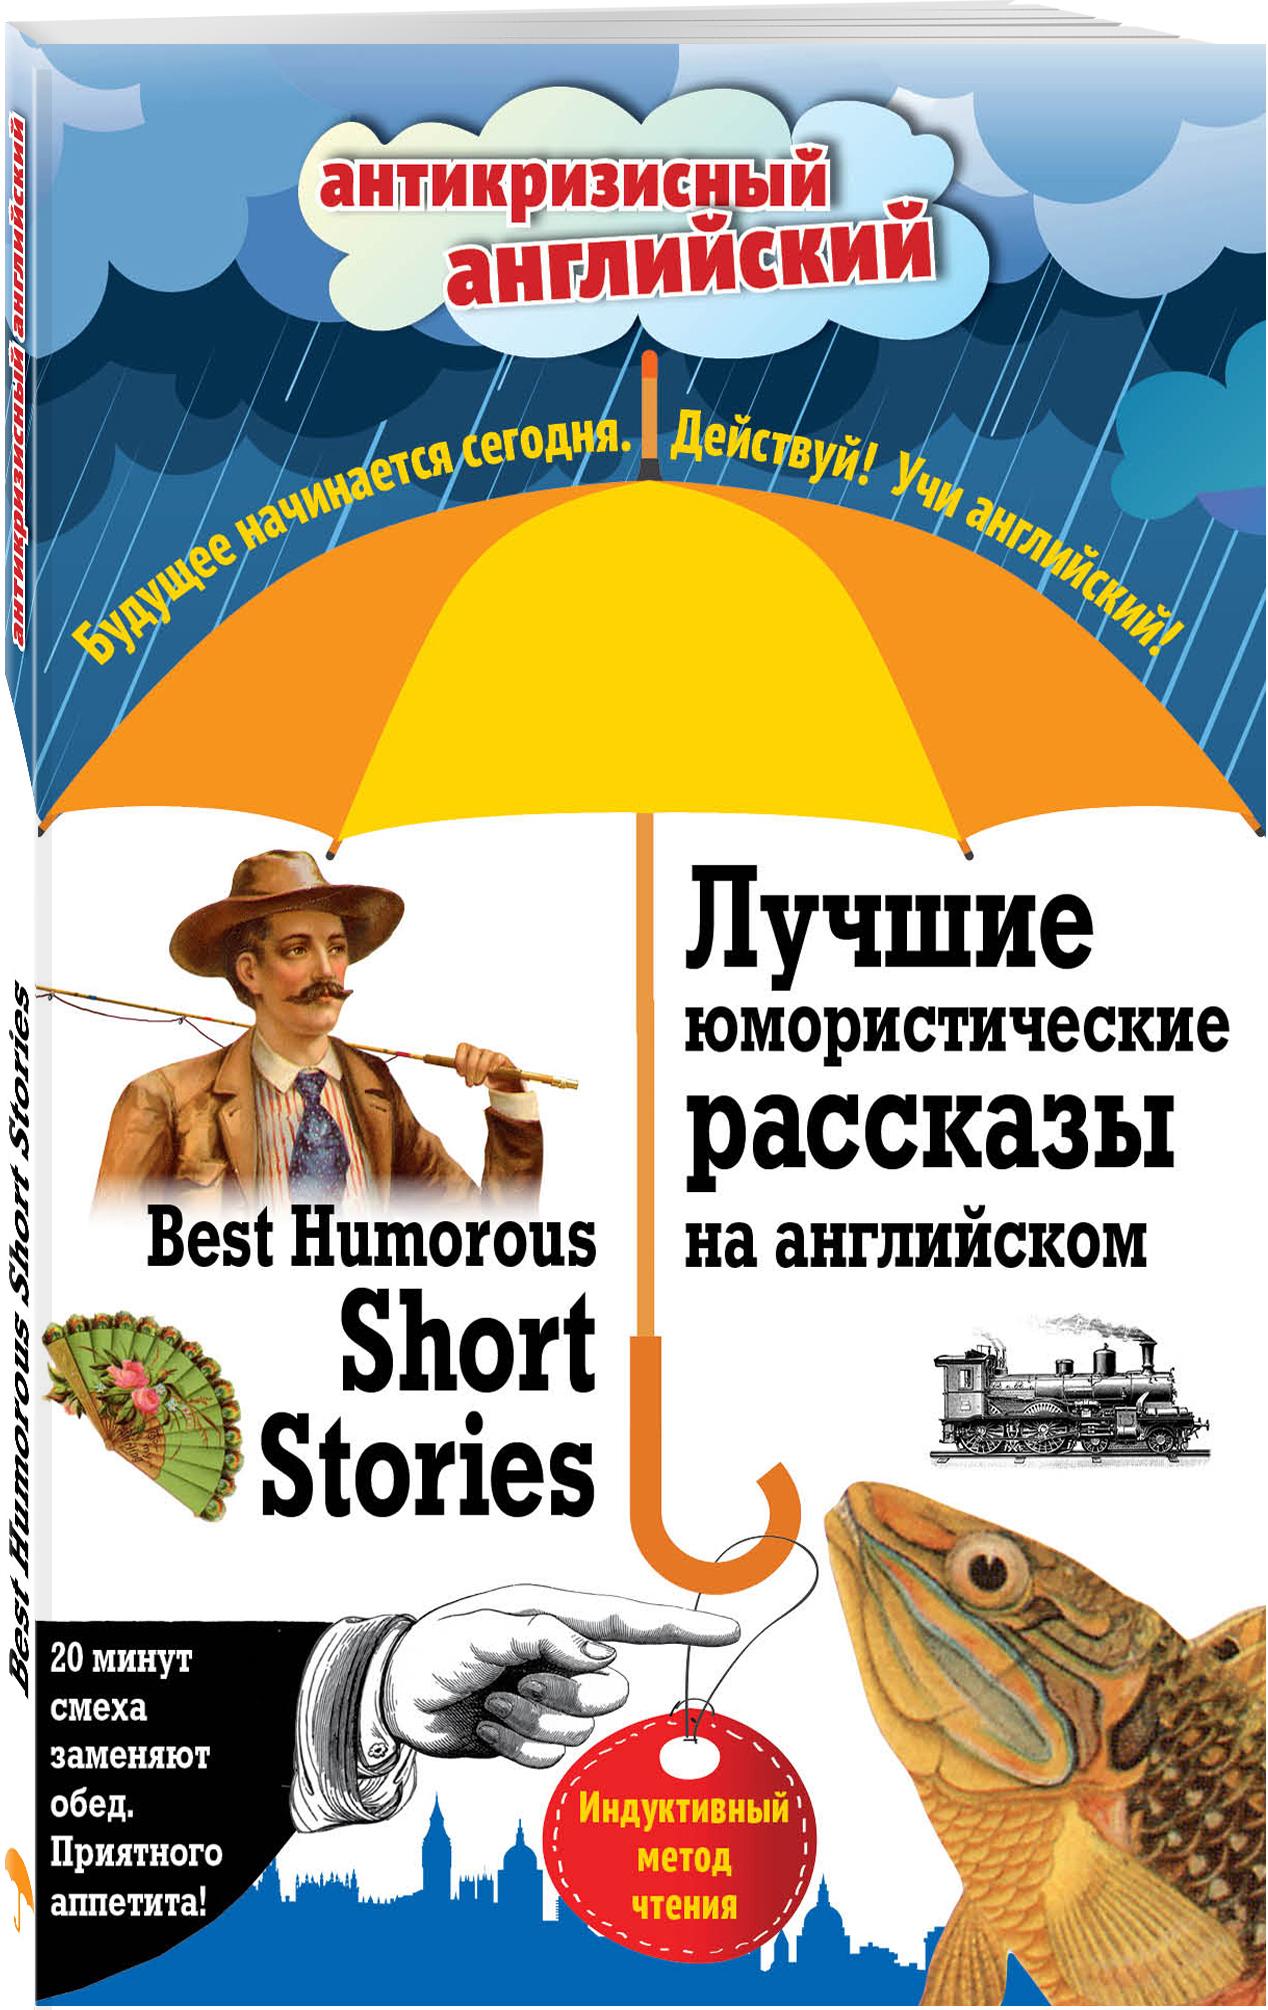 Лучшие юмористические рассказы на английском = Best Humorous Short Stories: Индуктивный метод чтения. О. Генри, А. Конан Дойль, Марк Твен и др.